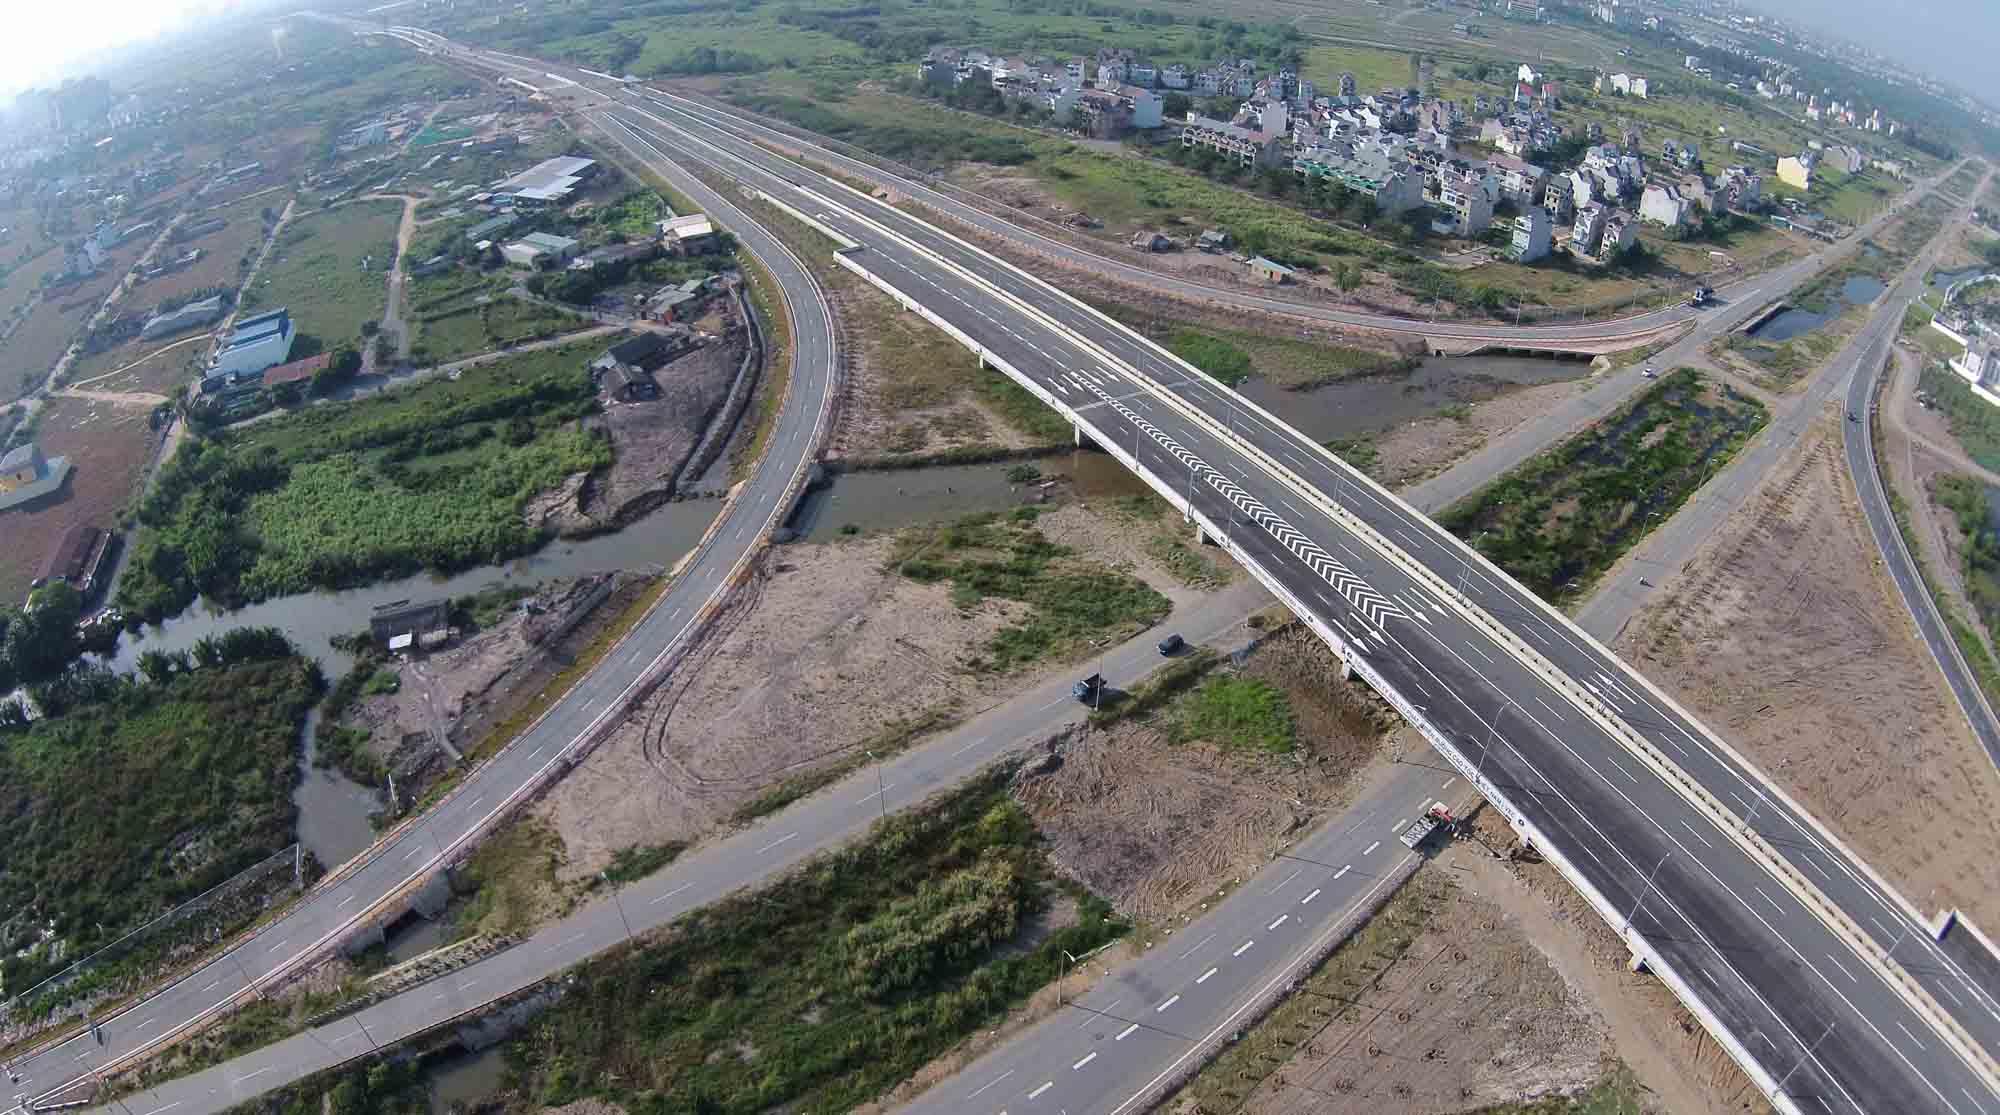 Đồng Nai muốn triển khai cao tốc Biên Hòa - Vũng Tàu, Dầu Giây - Đà Lạt - Ảnh 1.